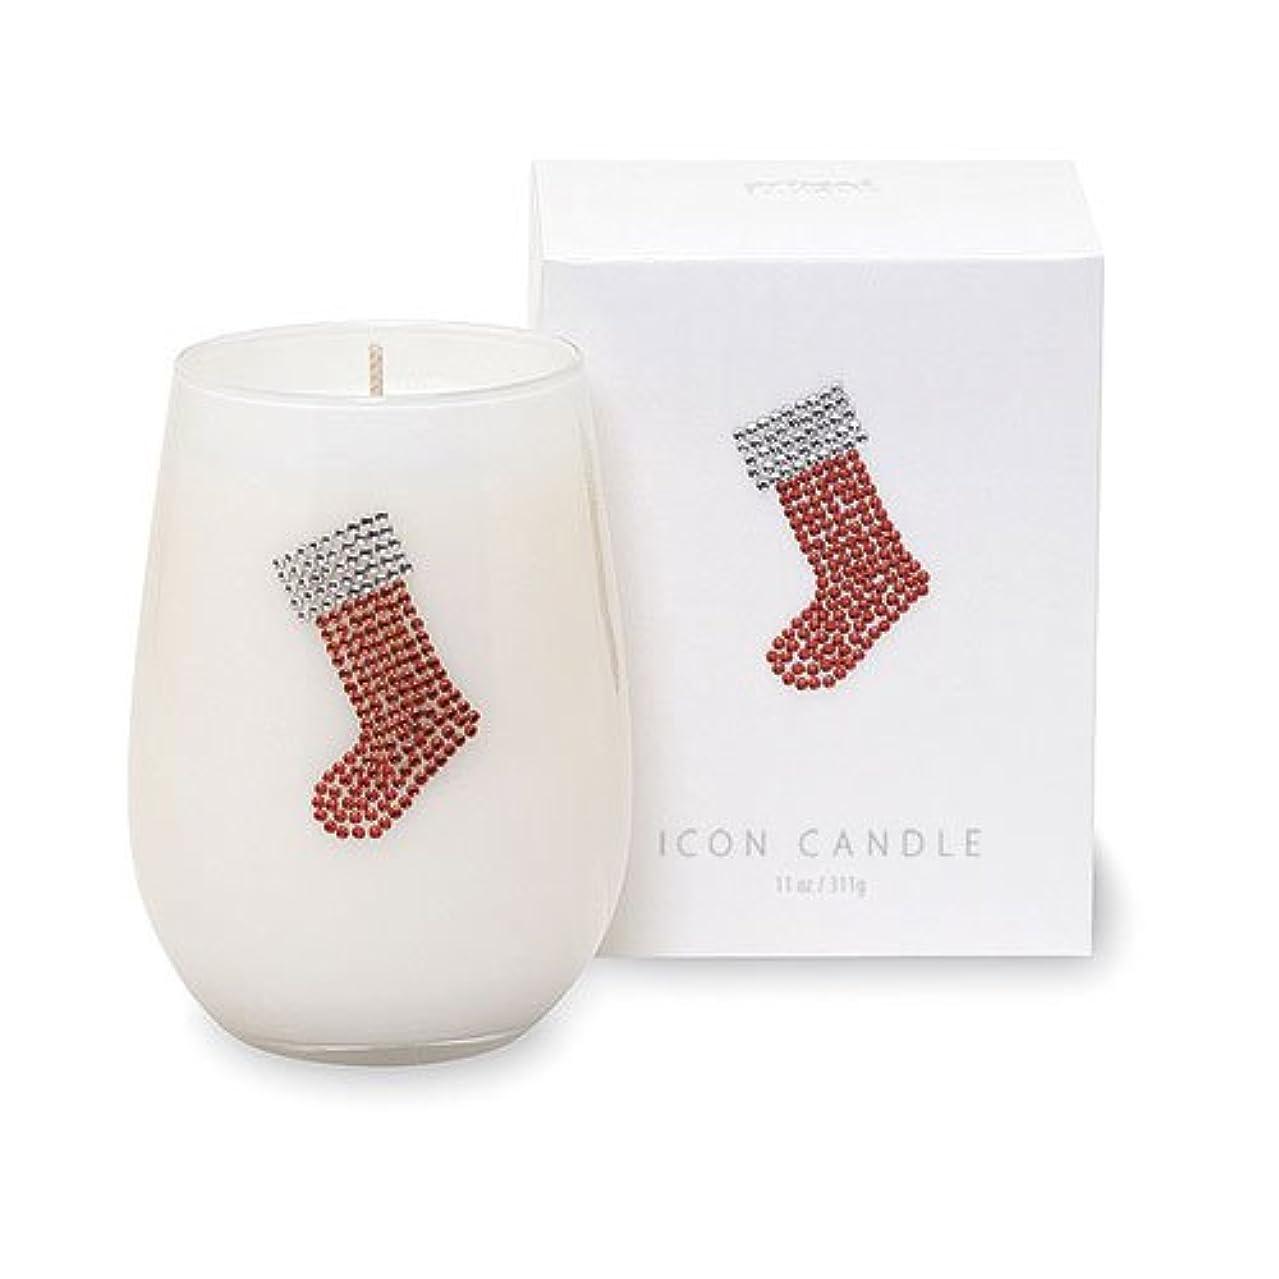 伝染病支配的のヒープクリスマスアイコンキャンドル/くつ下ウィンターミントの香り キャンドル